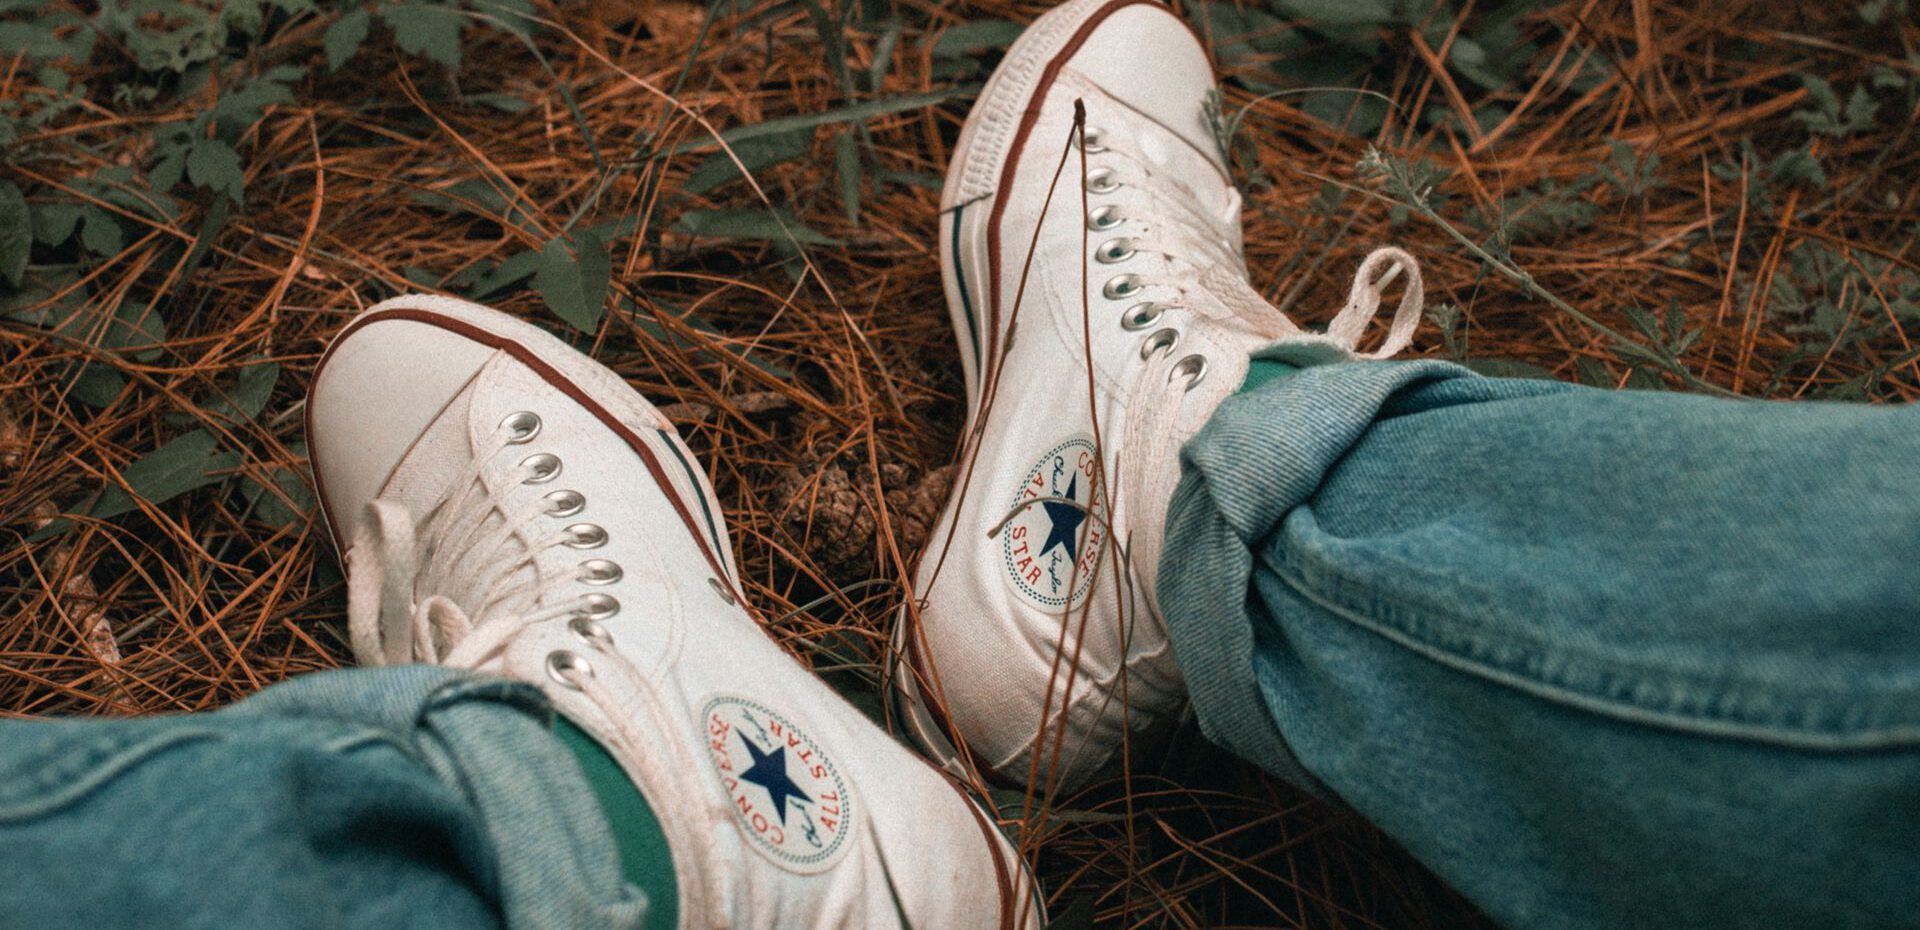 8 ترفند سفید کردن کفش با محصولات خانگی